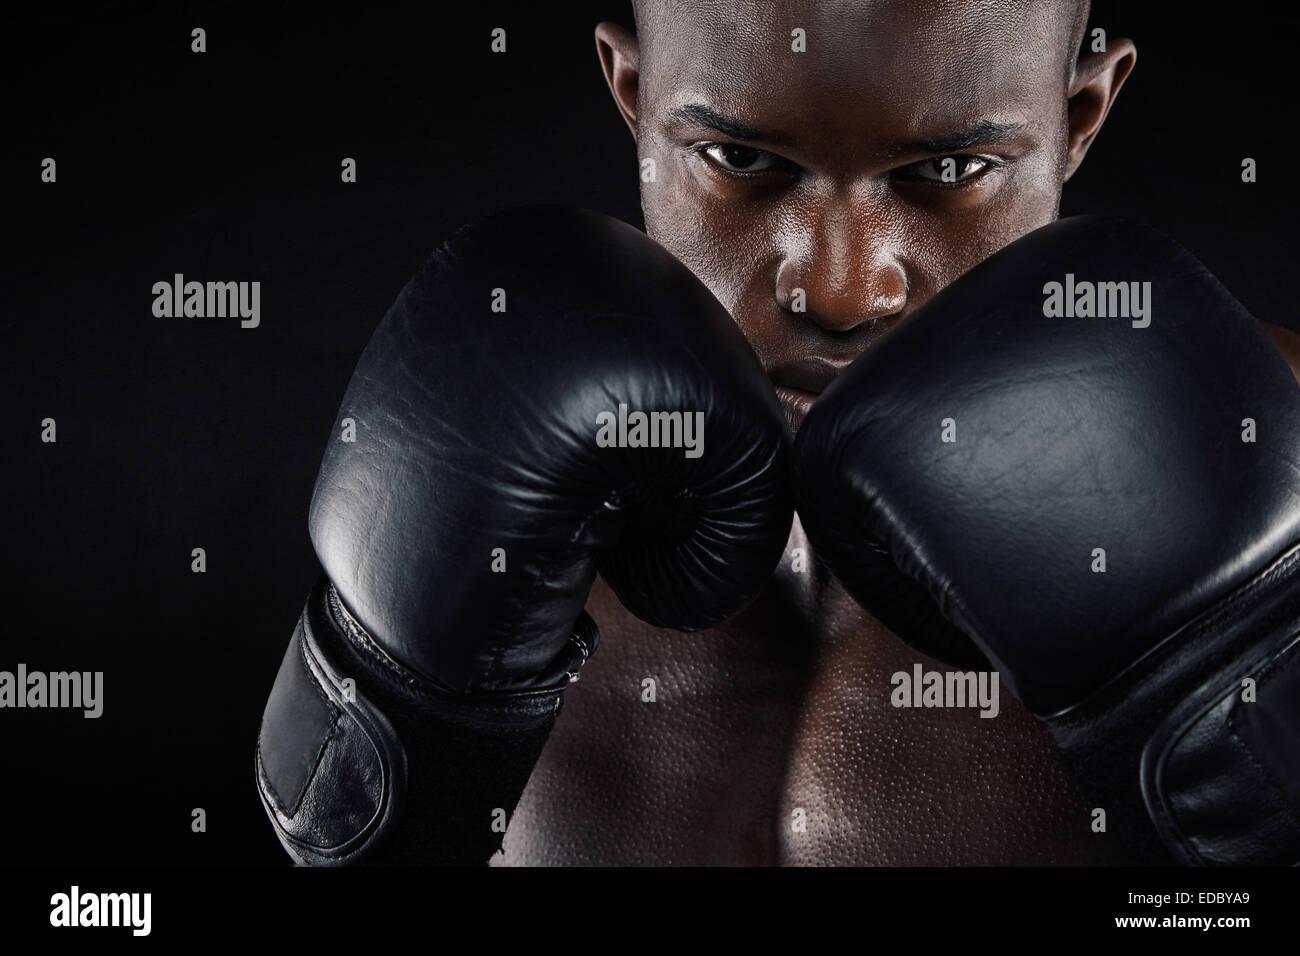 Ritratto di un giovane maschio boxer in un atteggiamento di combattimento su sfondo nero. Giovane uomo facendo esercizio Immagini Stock